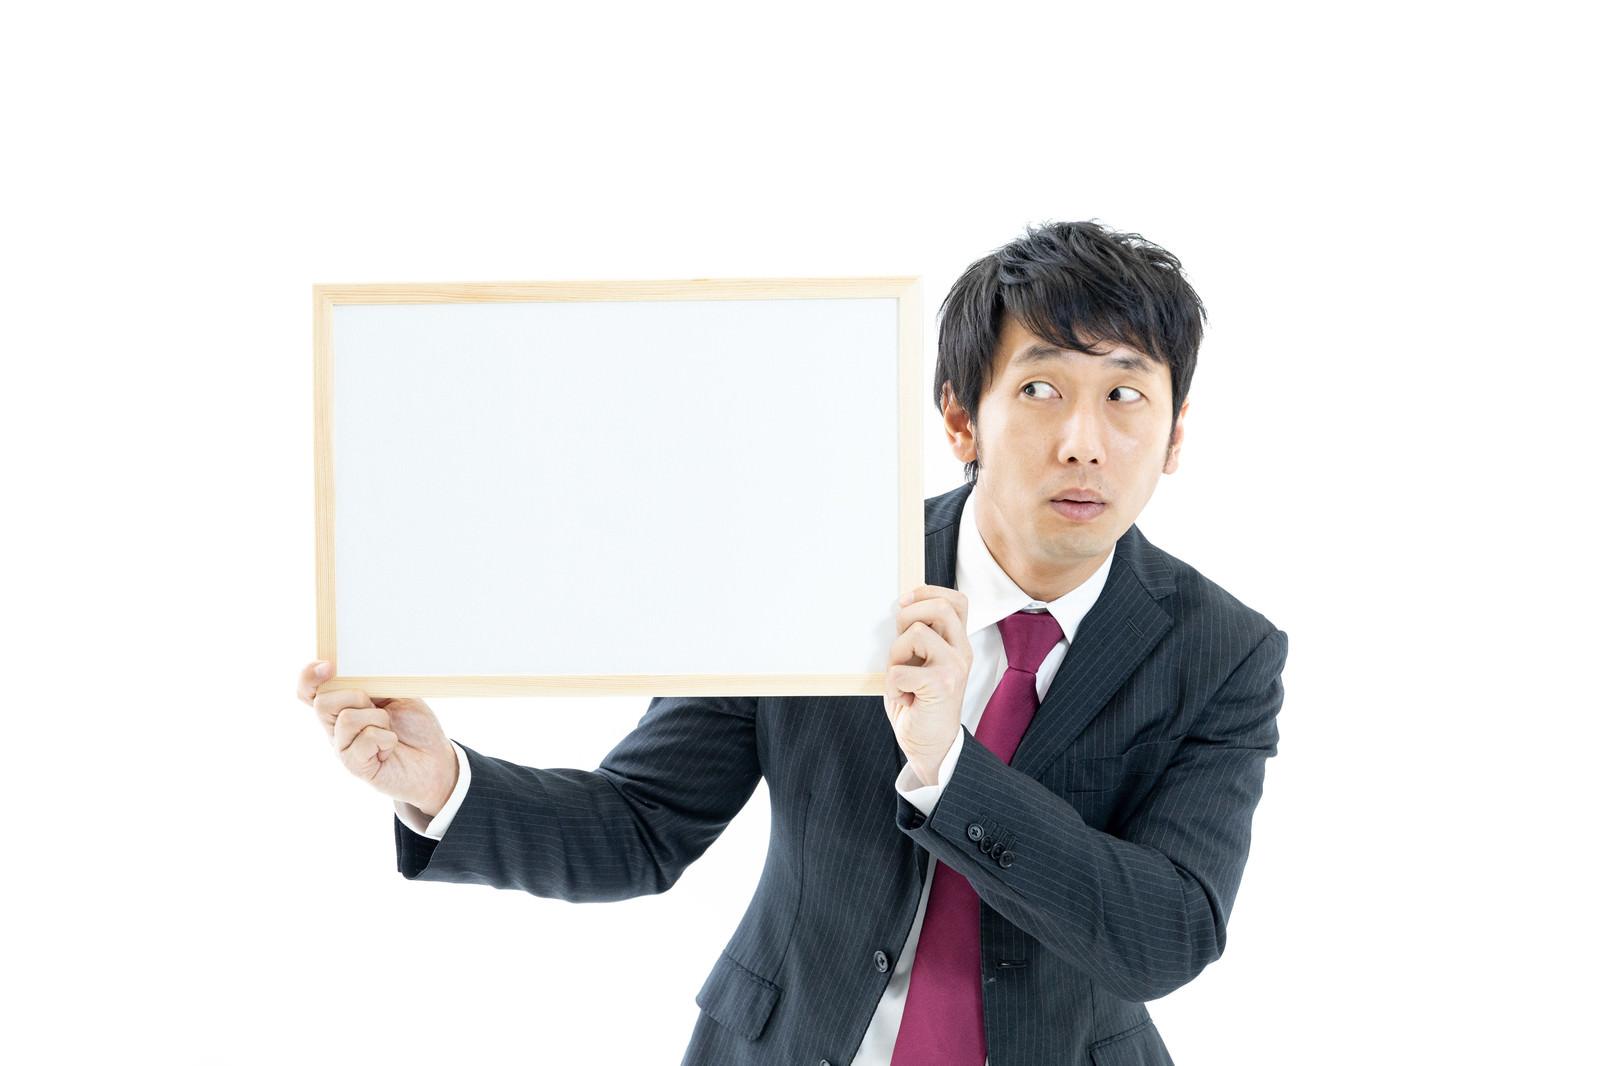 「フリップが見えているか不安になるスーツ姿のディレクター」の写真[モデル:大川竜弥]